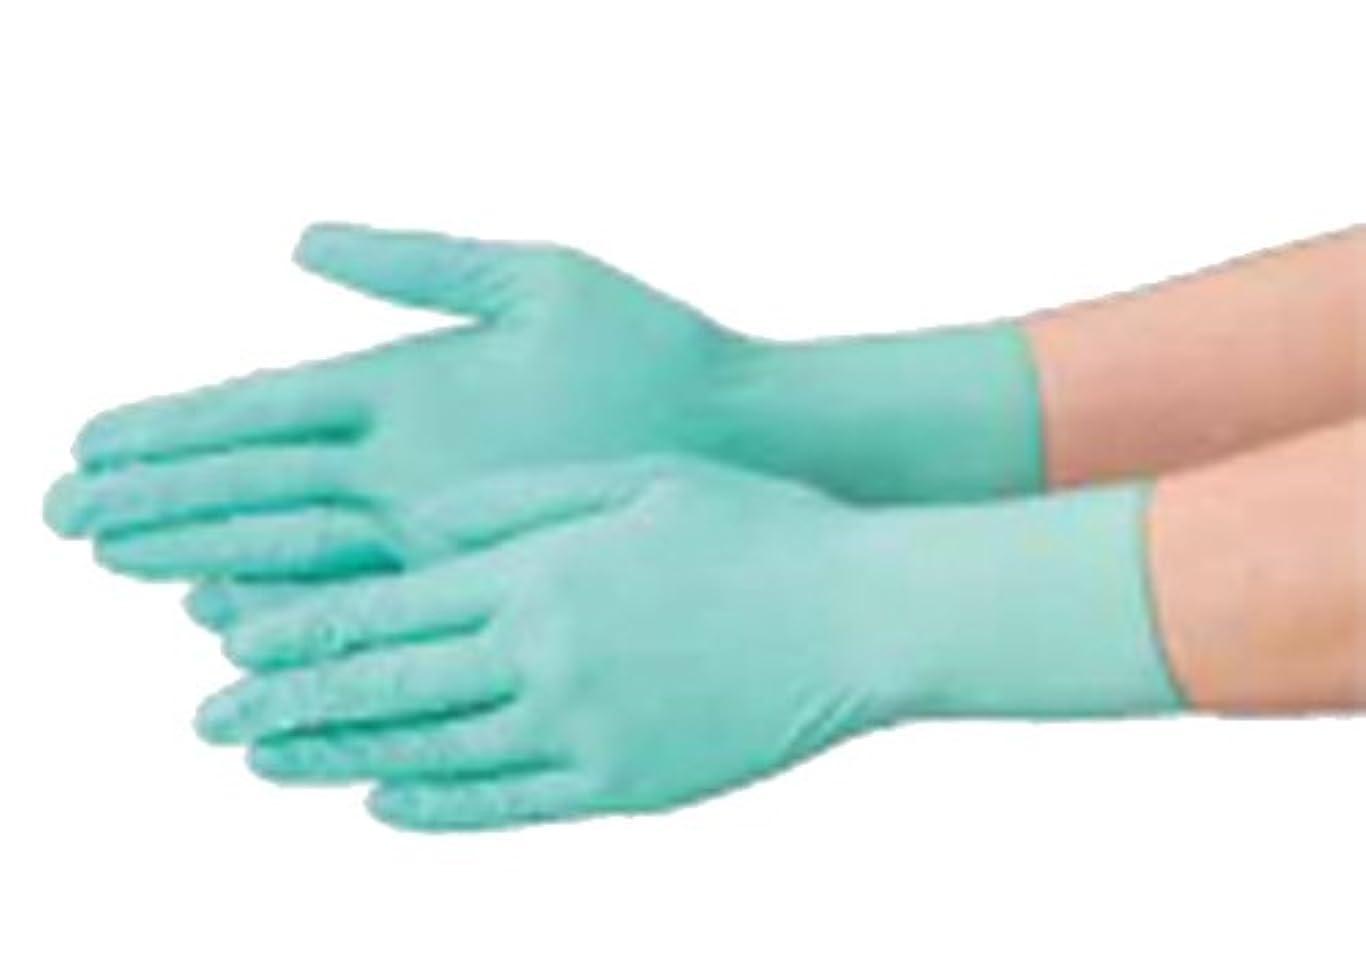 熱意お祝いスロット使い捨て 手袋 エブノ 571 ニトリル グリーン Lサイズ パウダーフリー 2ケース(100枚×60箱)